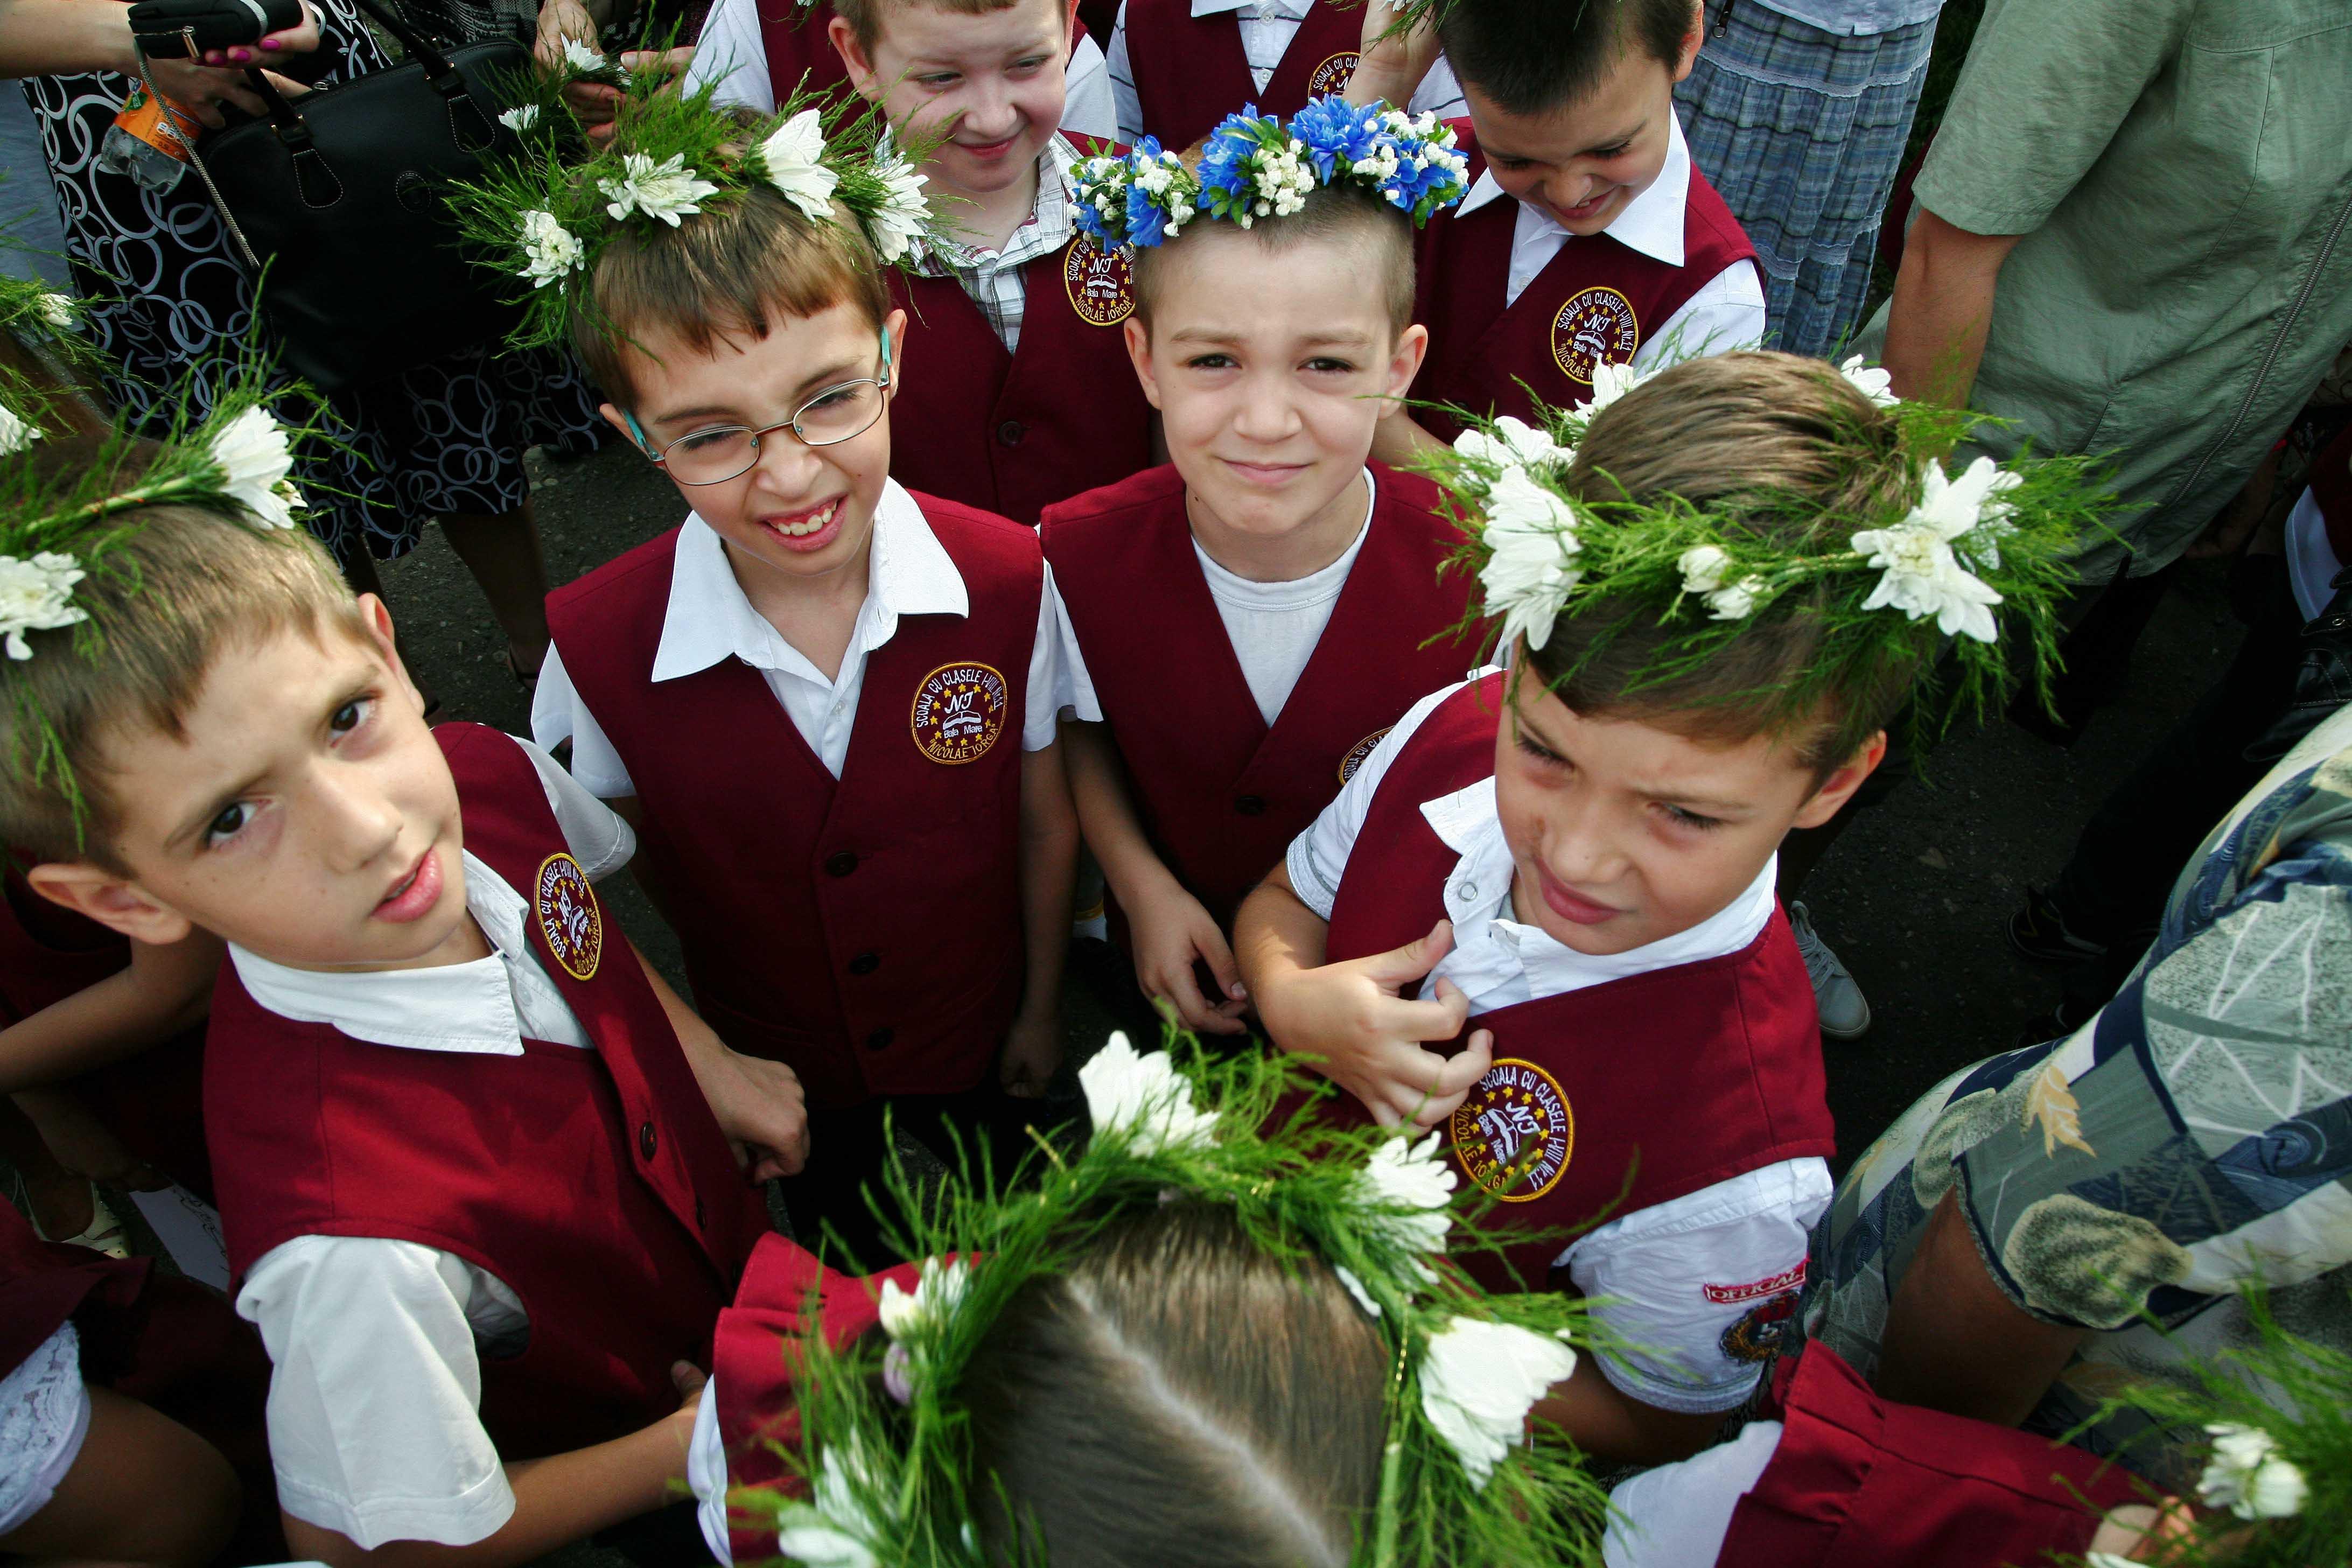 Paşi timizi la Cluj şi Bucureşti pentru decongestionarea traficului la începutul şcolii. Cum a făcut Gabriela Firea un proiect pilot dintr-un caz fără soluţie şi ce le cere Emil Boc directorilor de şcoli